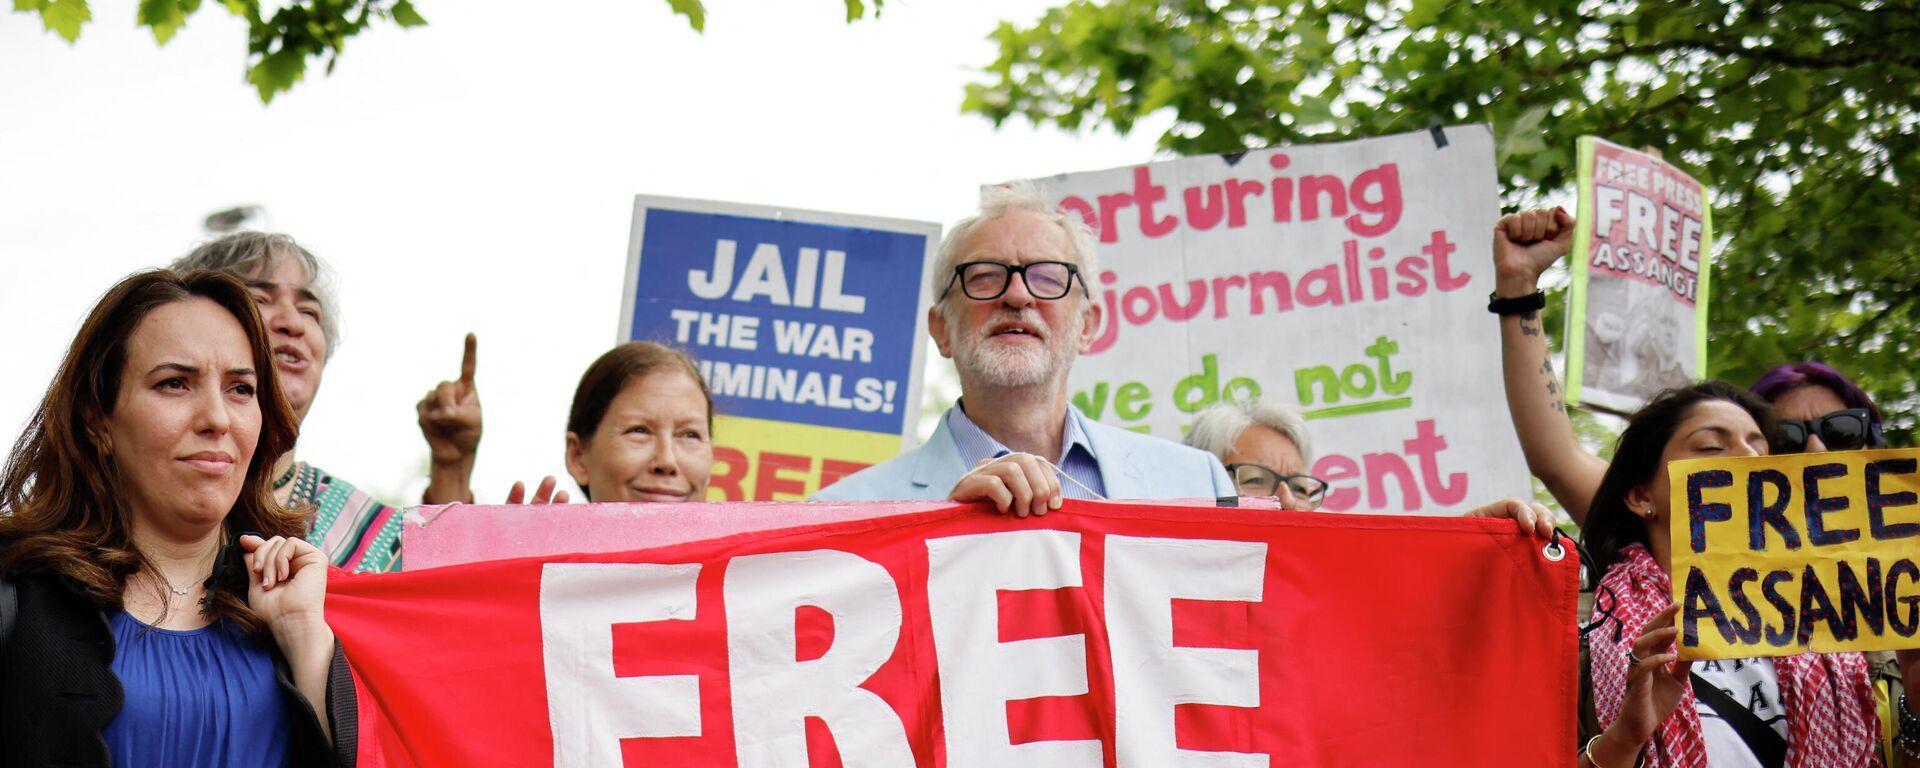 La pareja y madre de dos hijos de Julian Assange, Stella Moris, el lider laborista británico, Jeremy Corbyn, y otros partidarios del fundador de Wikileaks - Sputnik Mundo, 1920, 29.06.2021